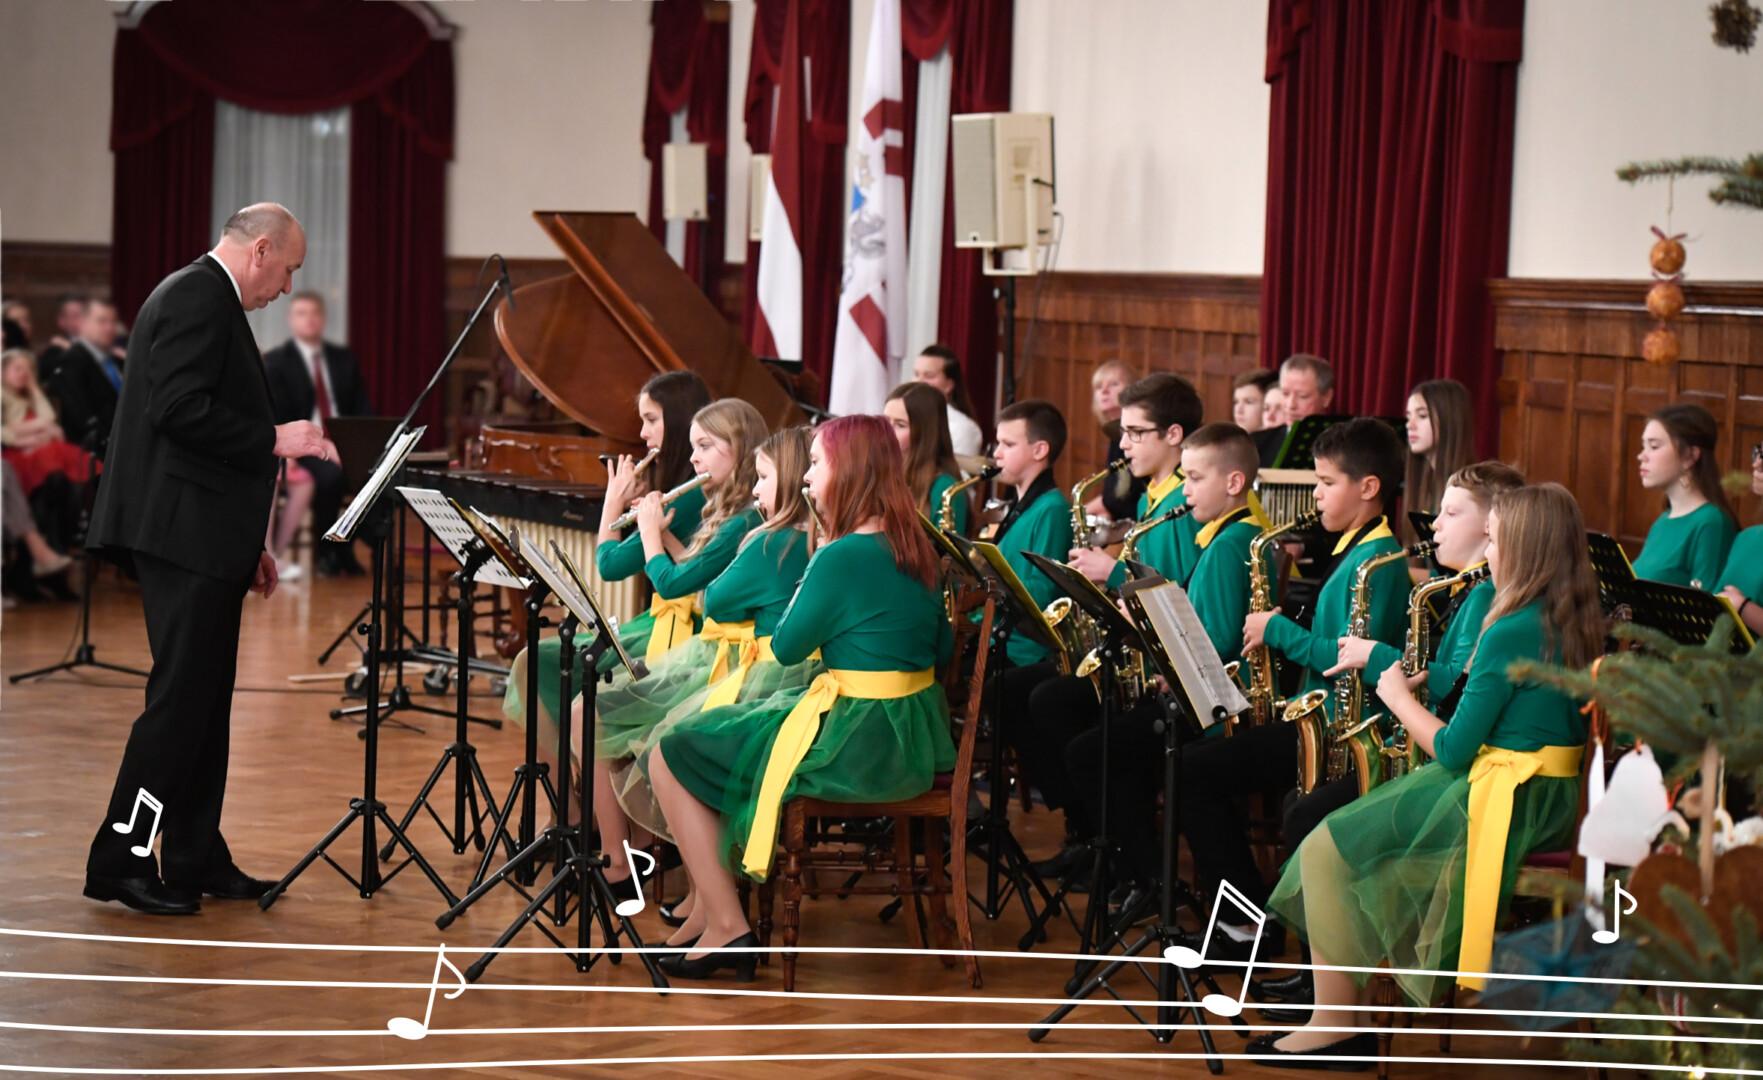 Bērnu orķestris Ziemassvētku koncertā spēlē dažādus instrumentus